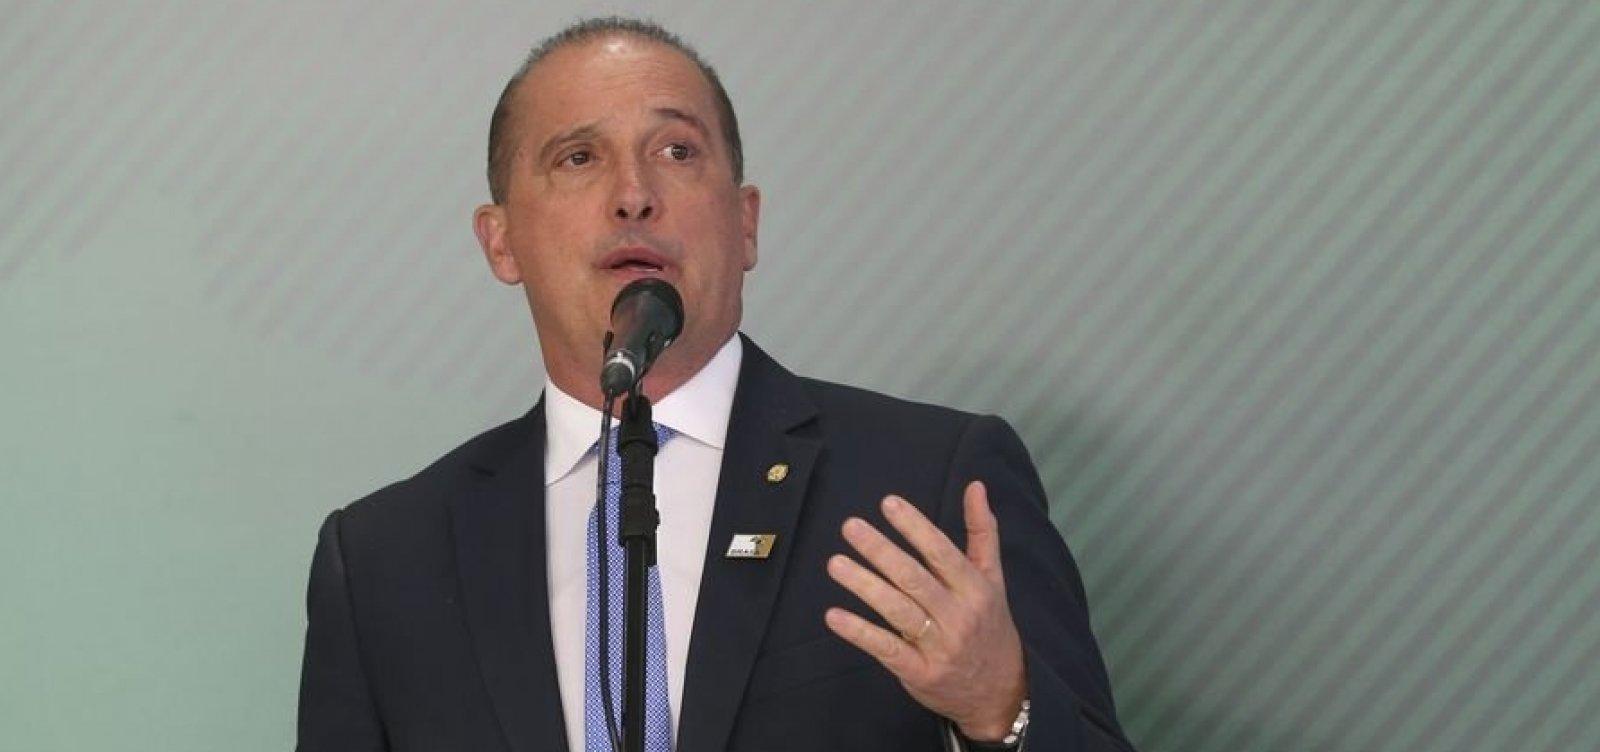 [Ministro da Casa Civil afirma que decreto de Bolsonaro não prevê aumento de imposto]